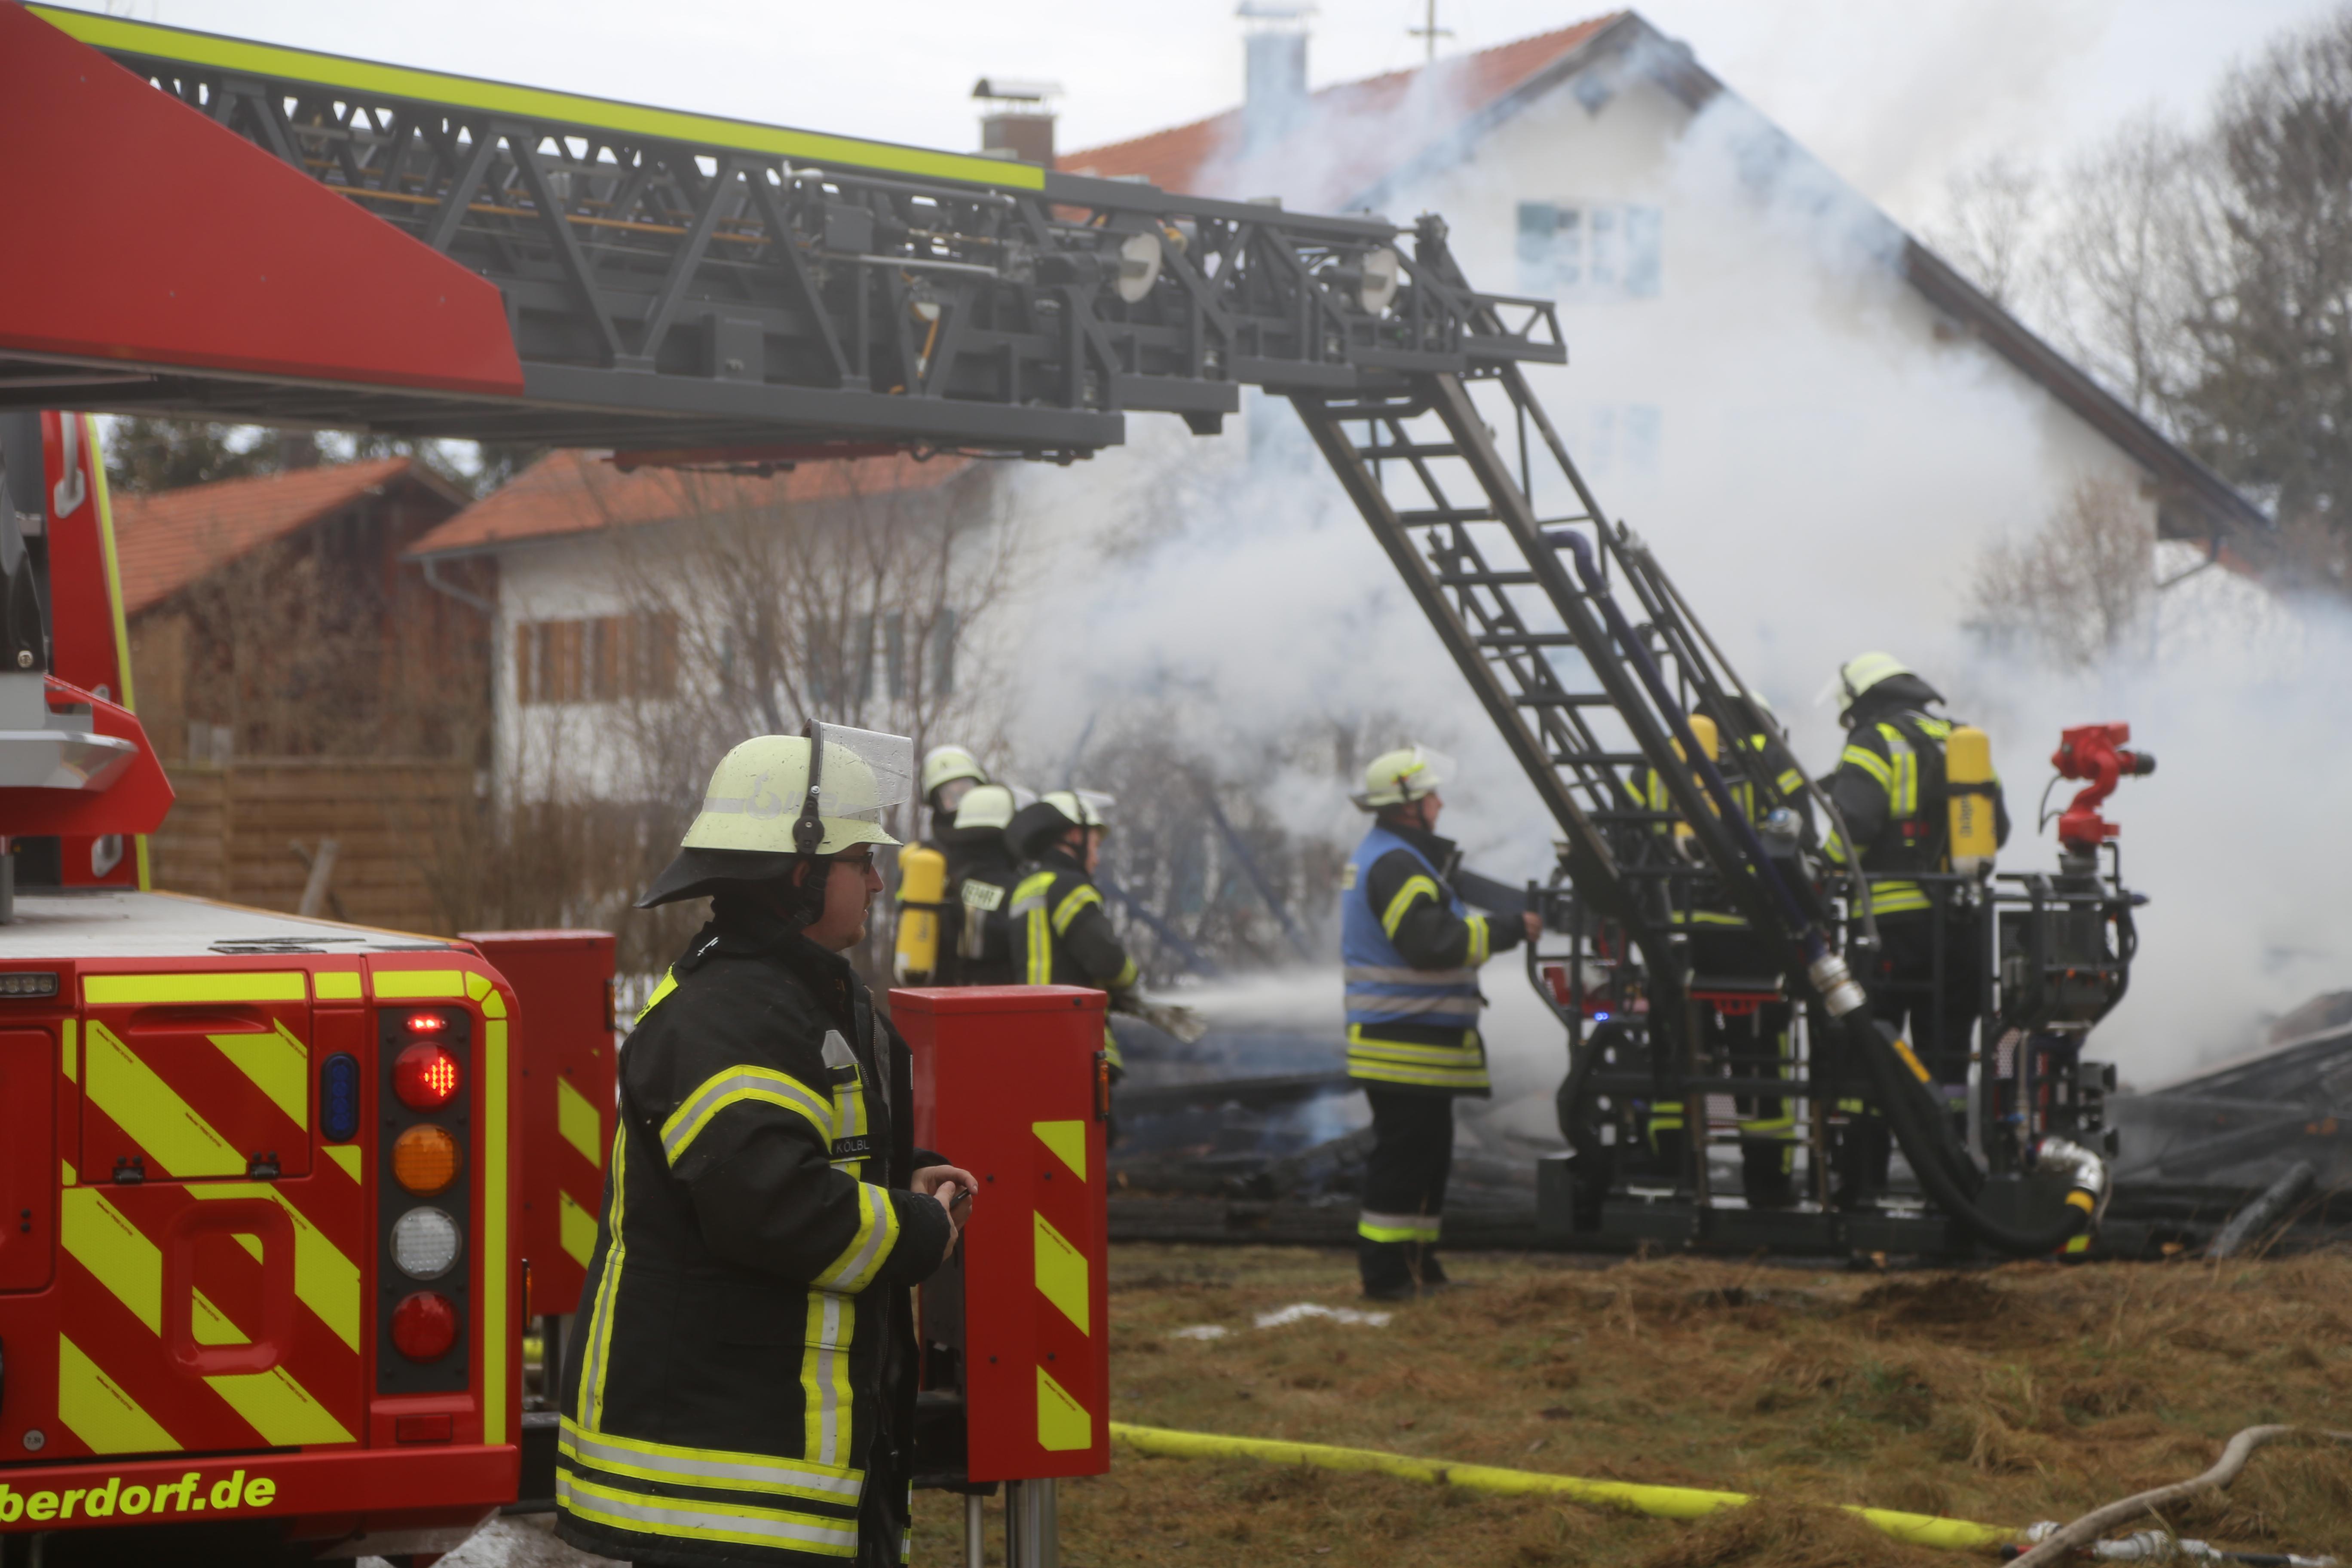 Schwenden - Bauernhaus brennt všllig nieder - Person vermisst